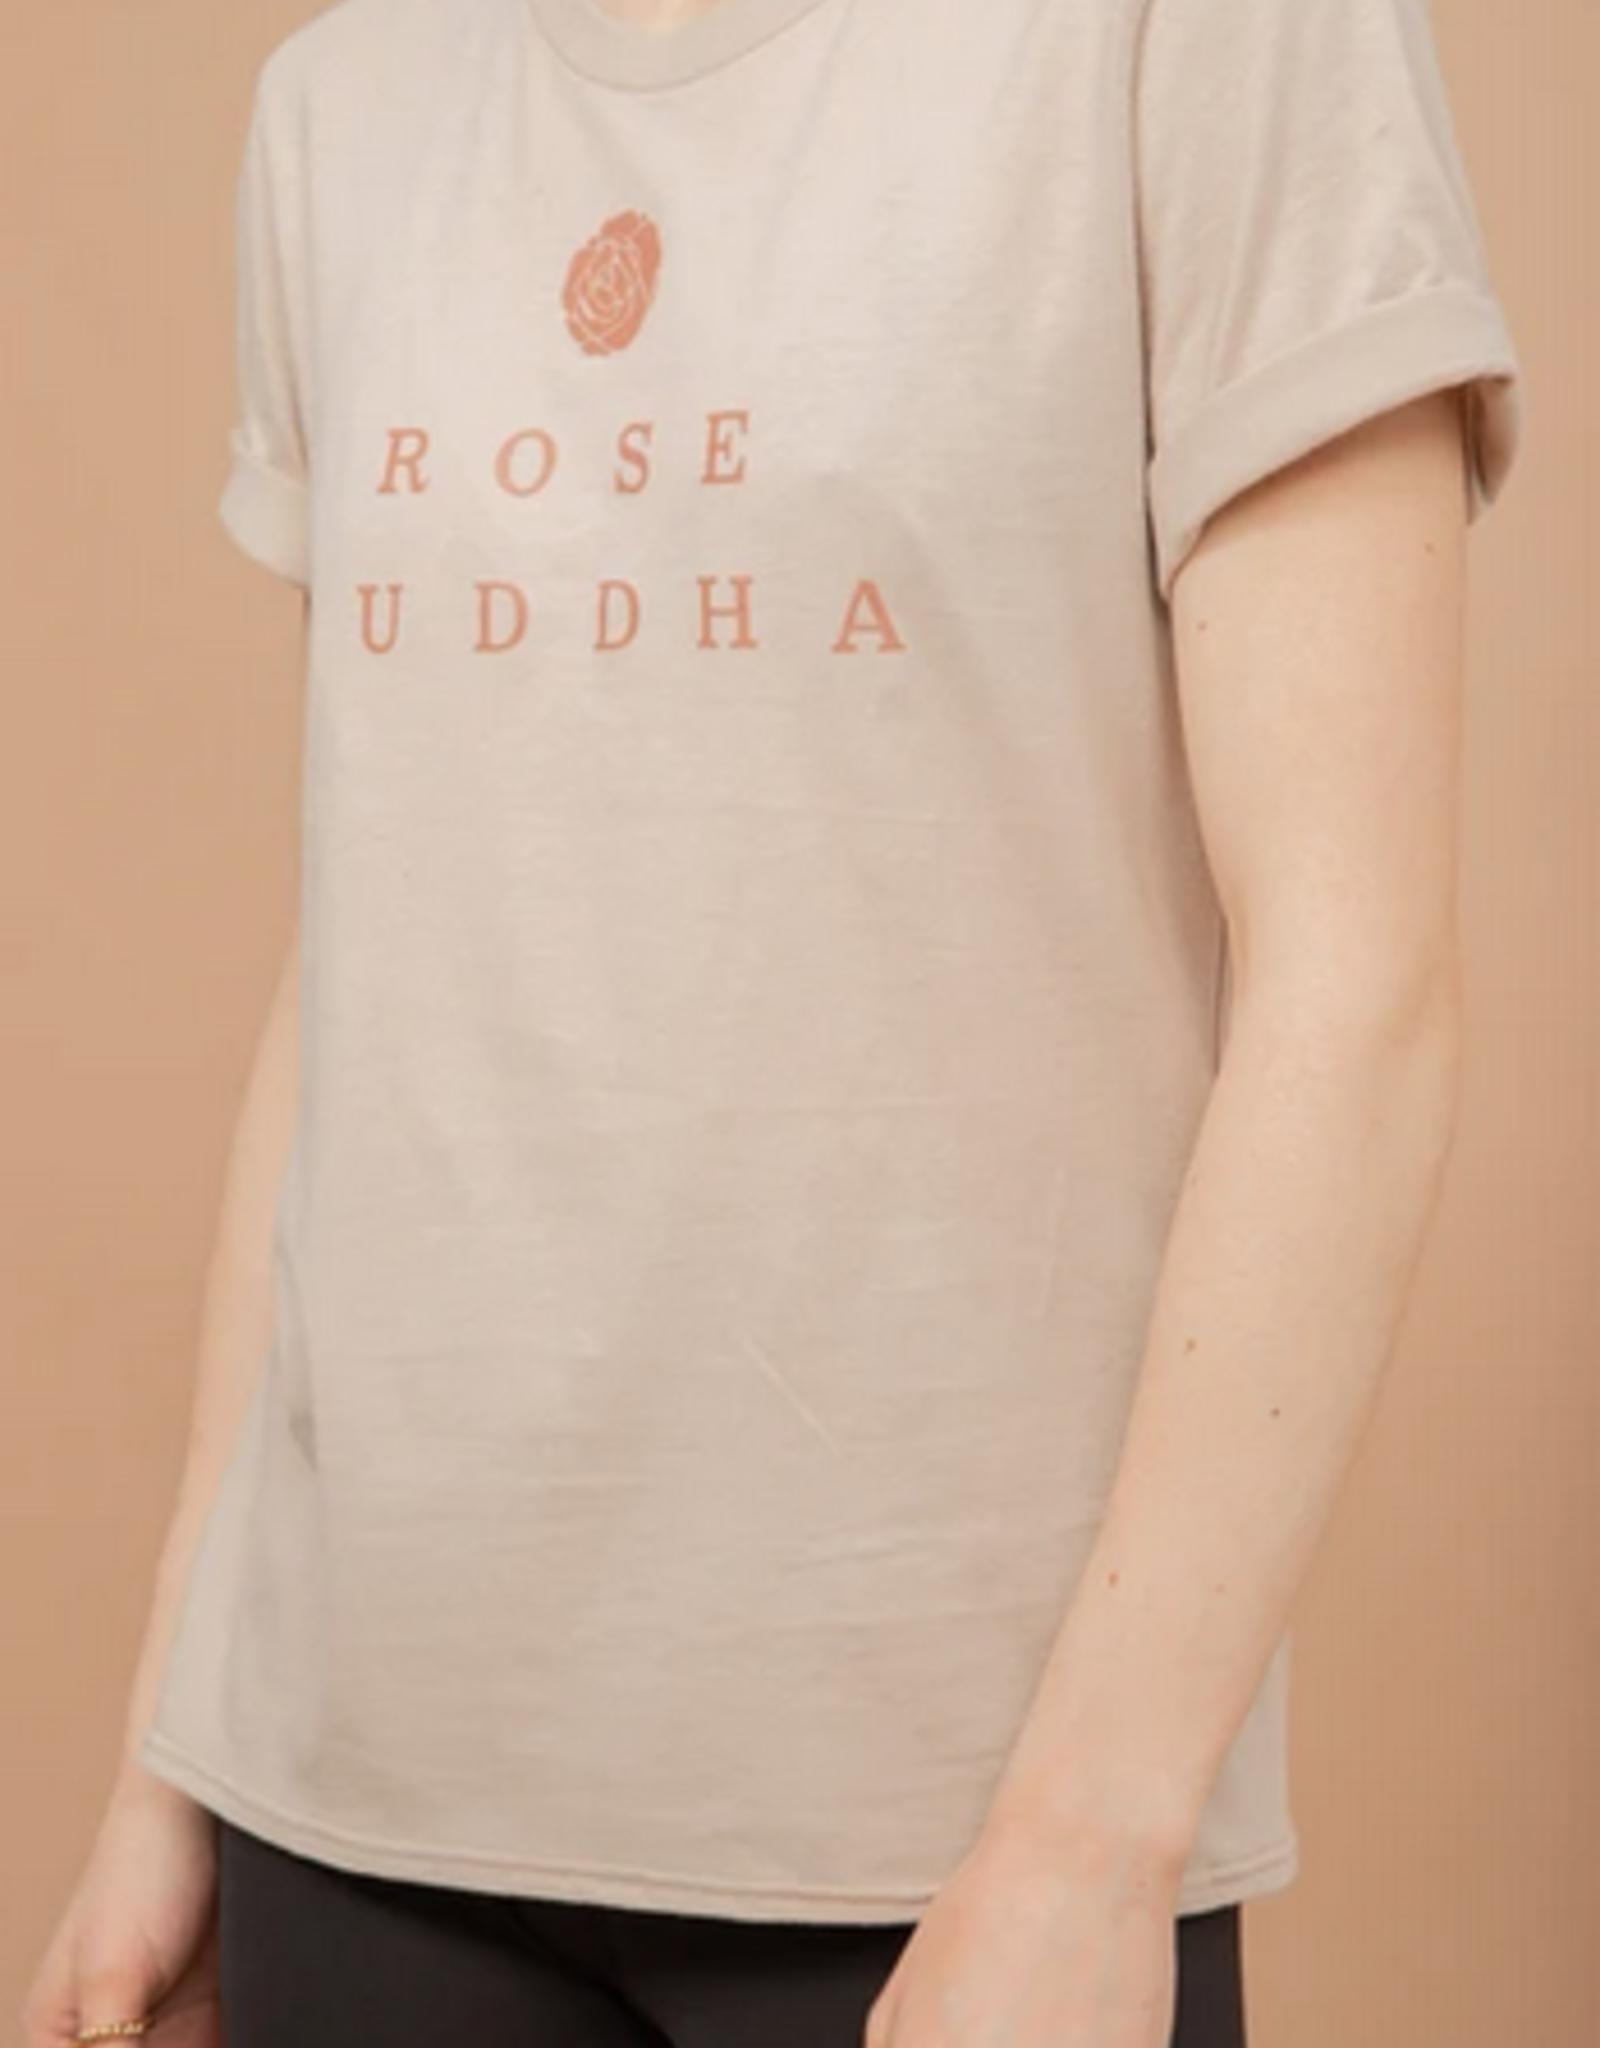 ROSE BUDDHA THE RB T-SHIRT